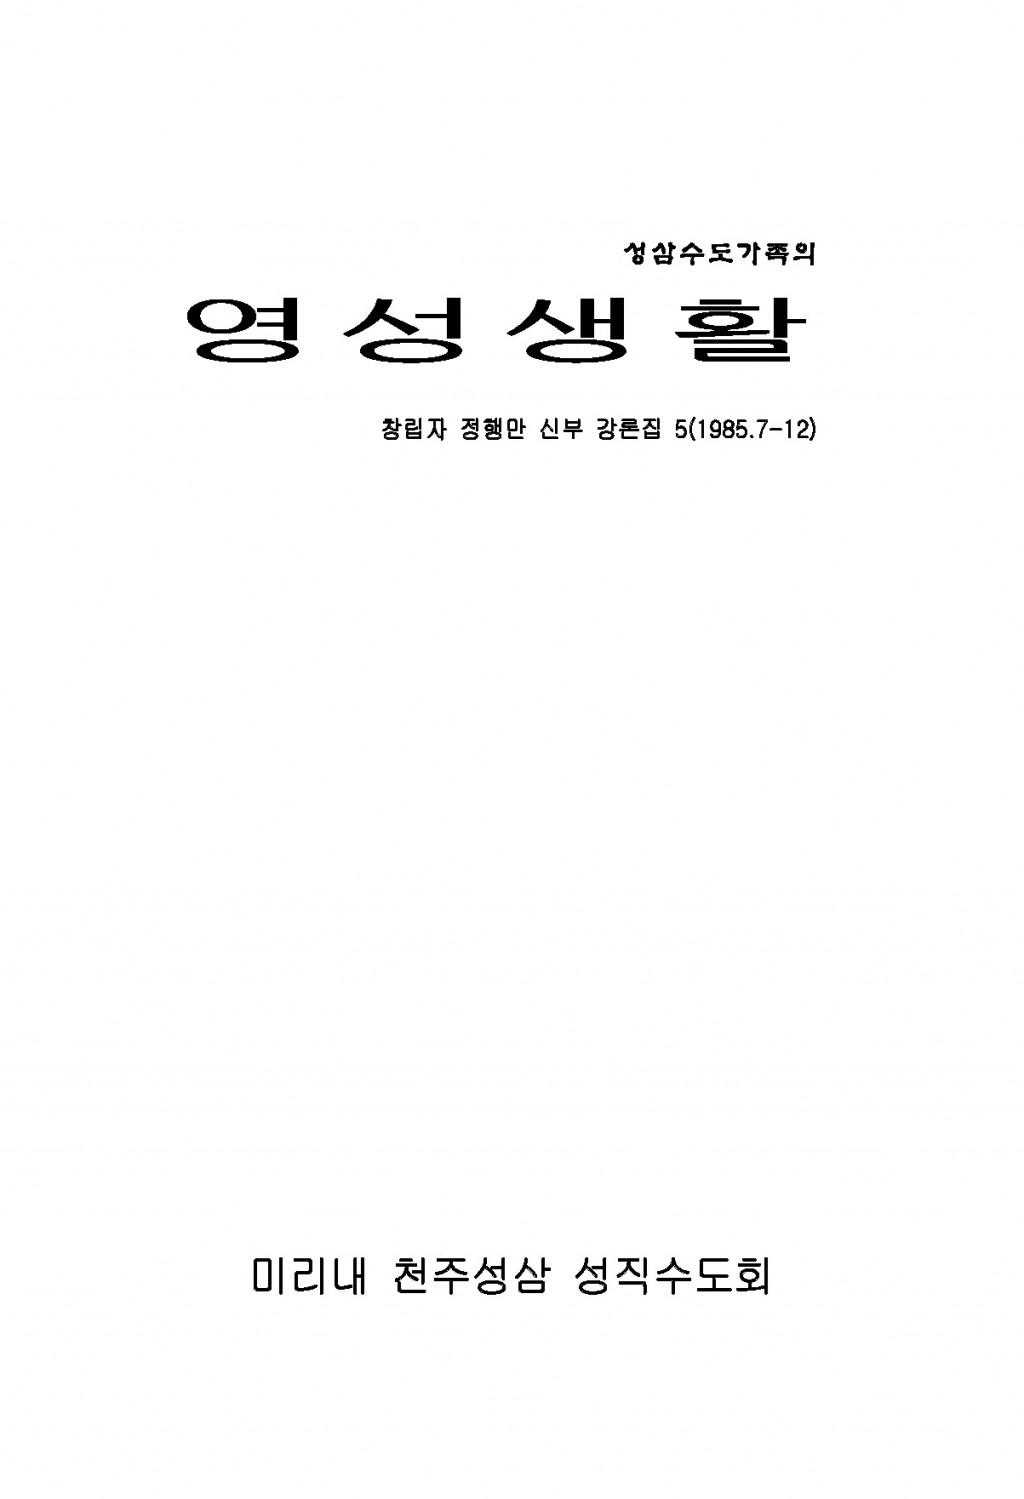 영성생활 5권[1].재판본-1_Page_001.jpg